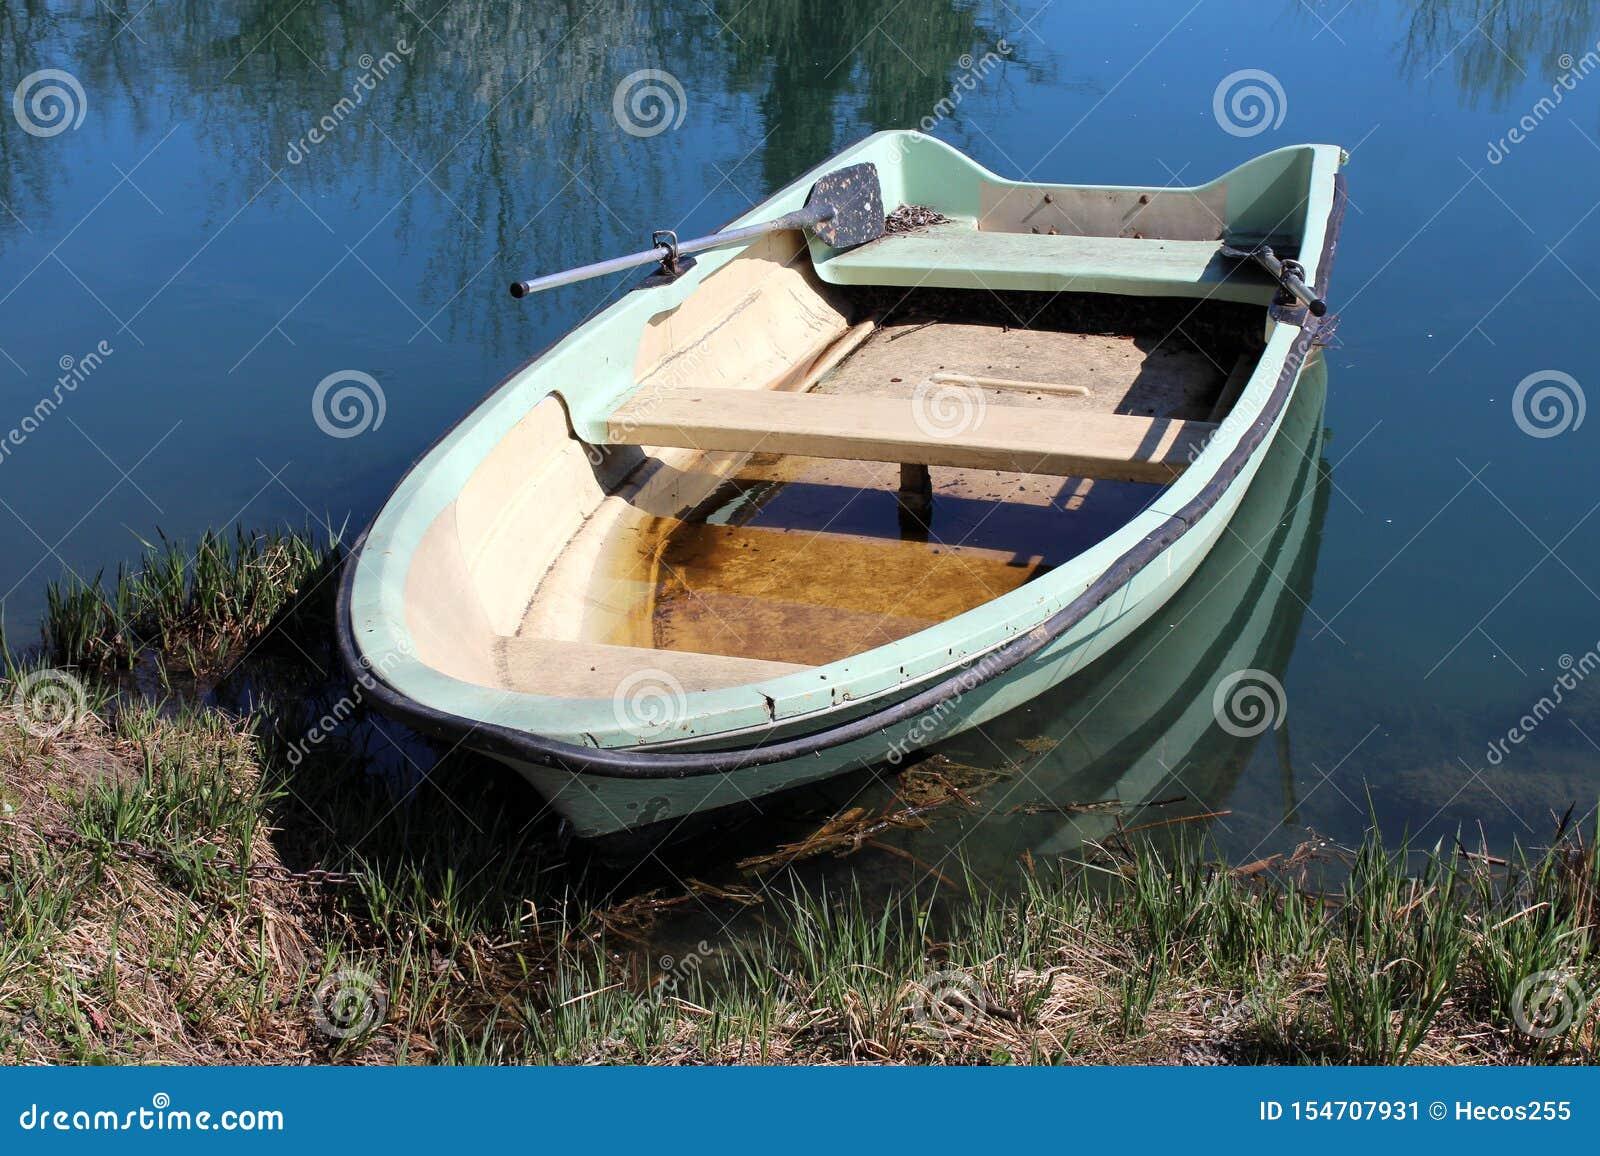 Vecchia barca di fiume verde chiaro dilapidata della vetroresina legata alla sponda del fiume circondata con erba non tagliata ed